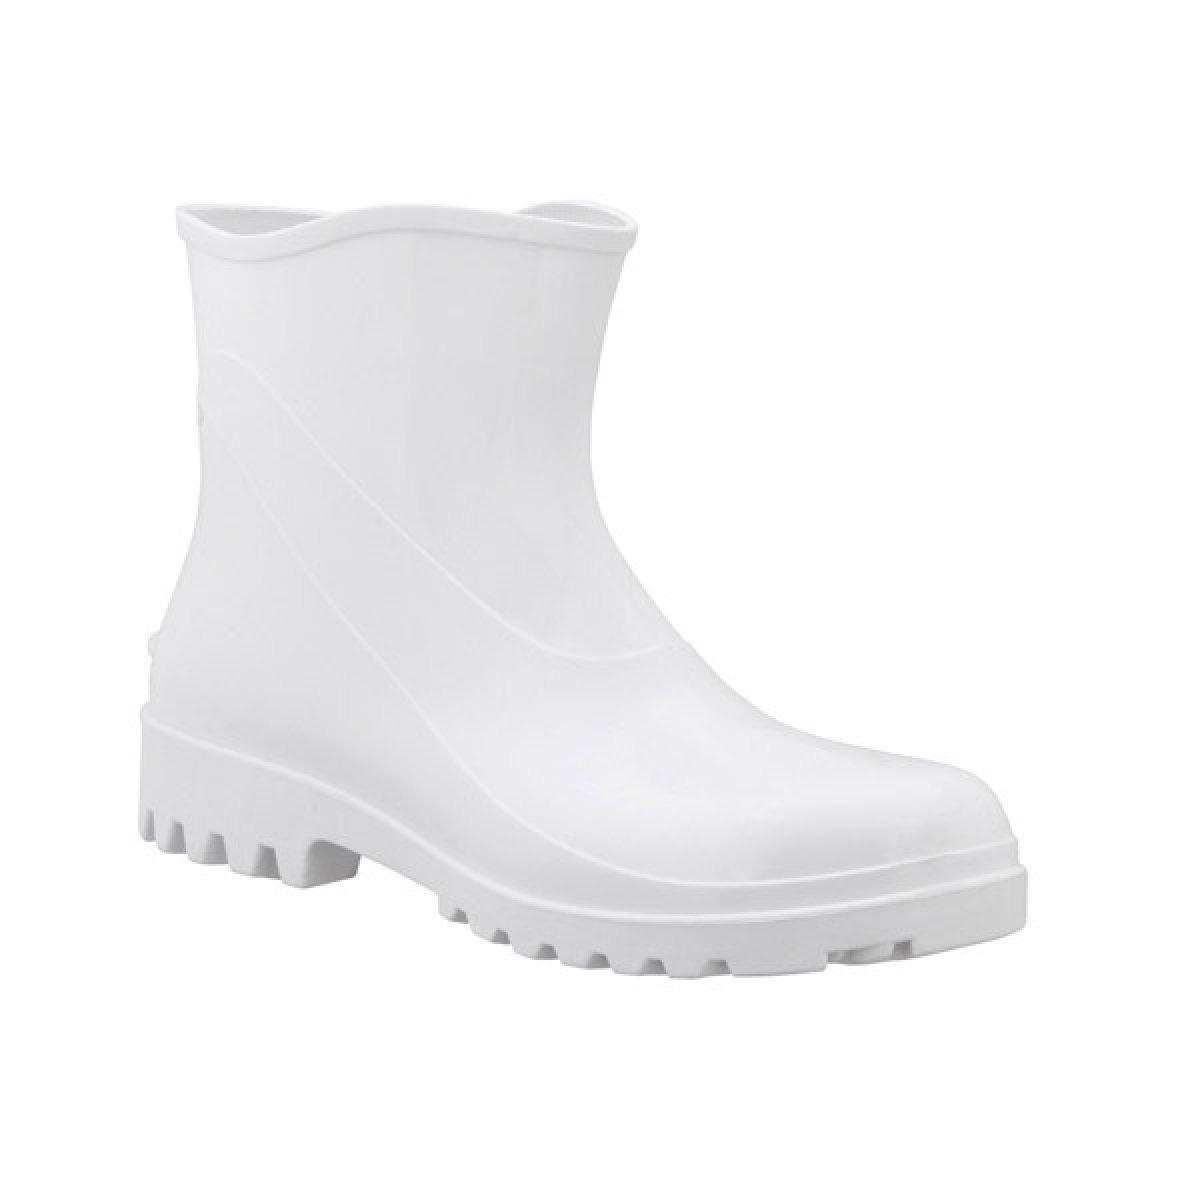 Bota de PVC Cano Extra curto Branco Numero 41 - Acqua Flex 82BPE - Bracol